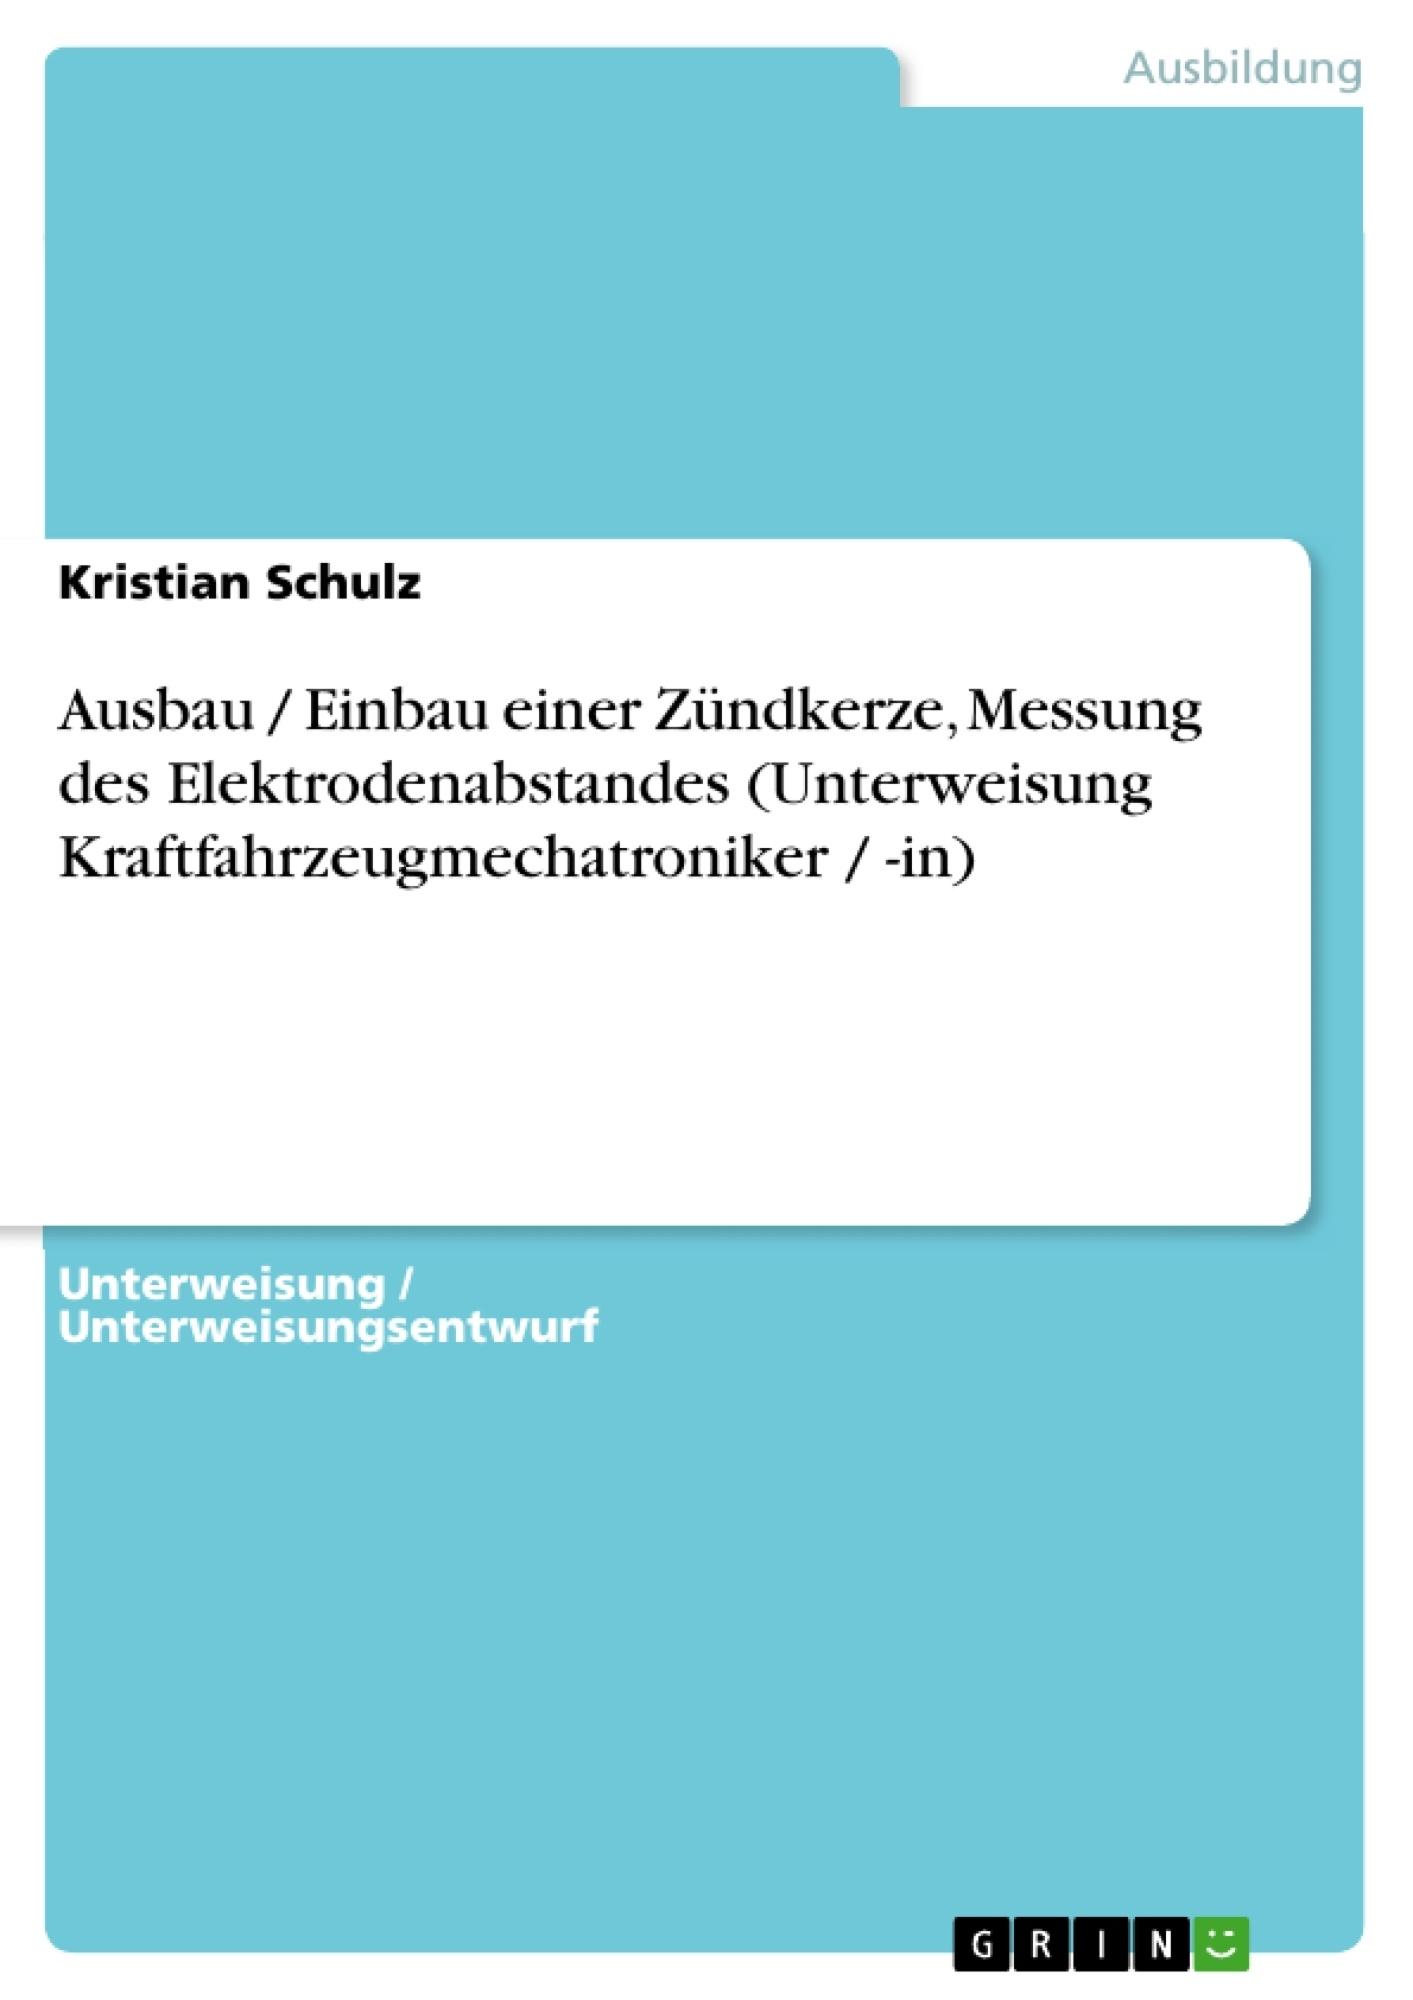 Titel: Ausbau / Einbau einer Zündkerze, Messung des Elektrodenabstandes (Unterweisung Kraftfahrzeugmechatroniker / -in)